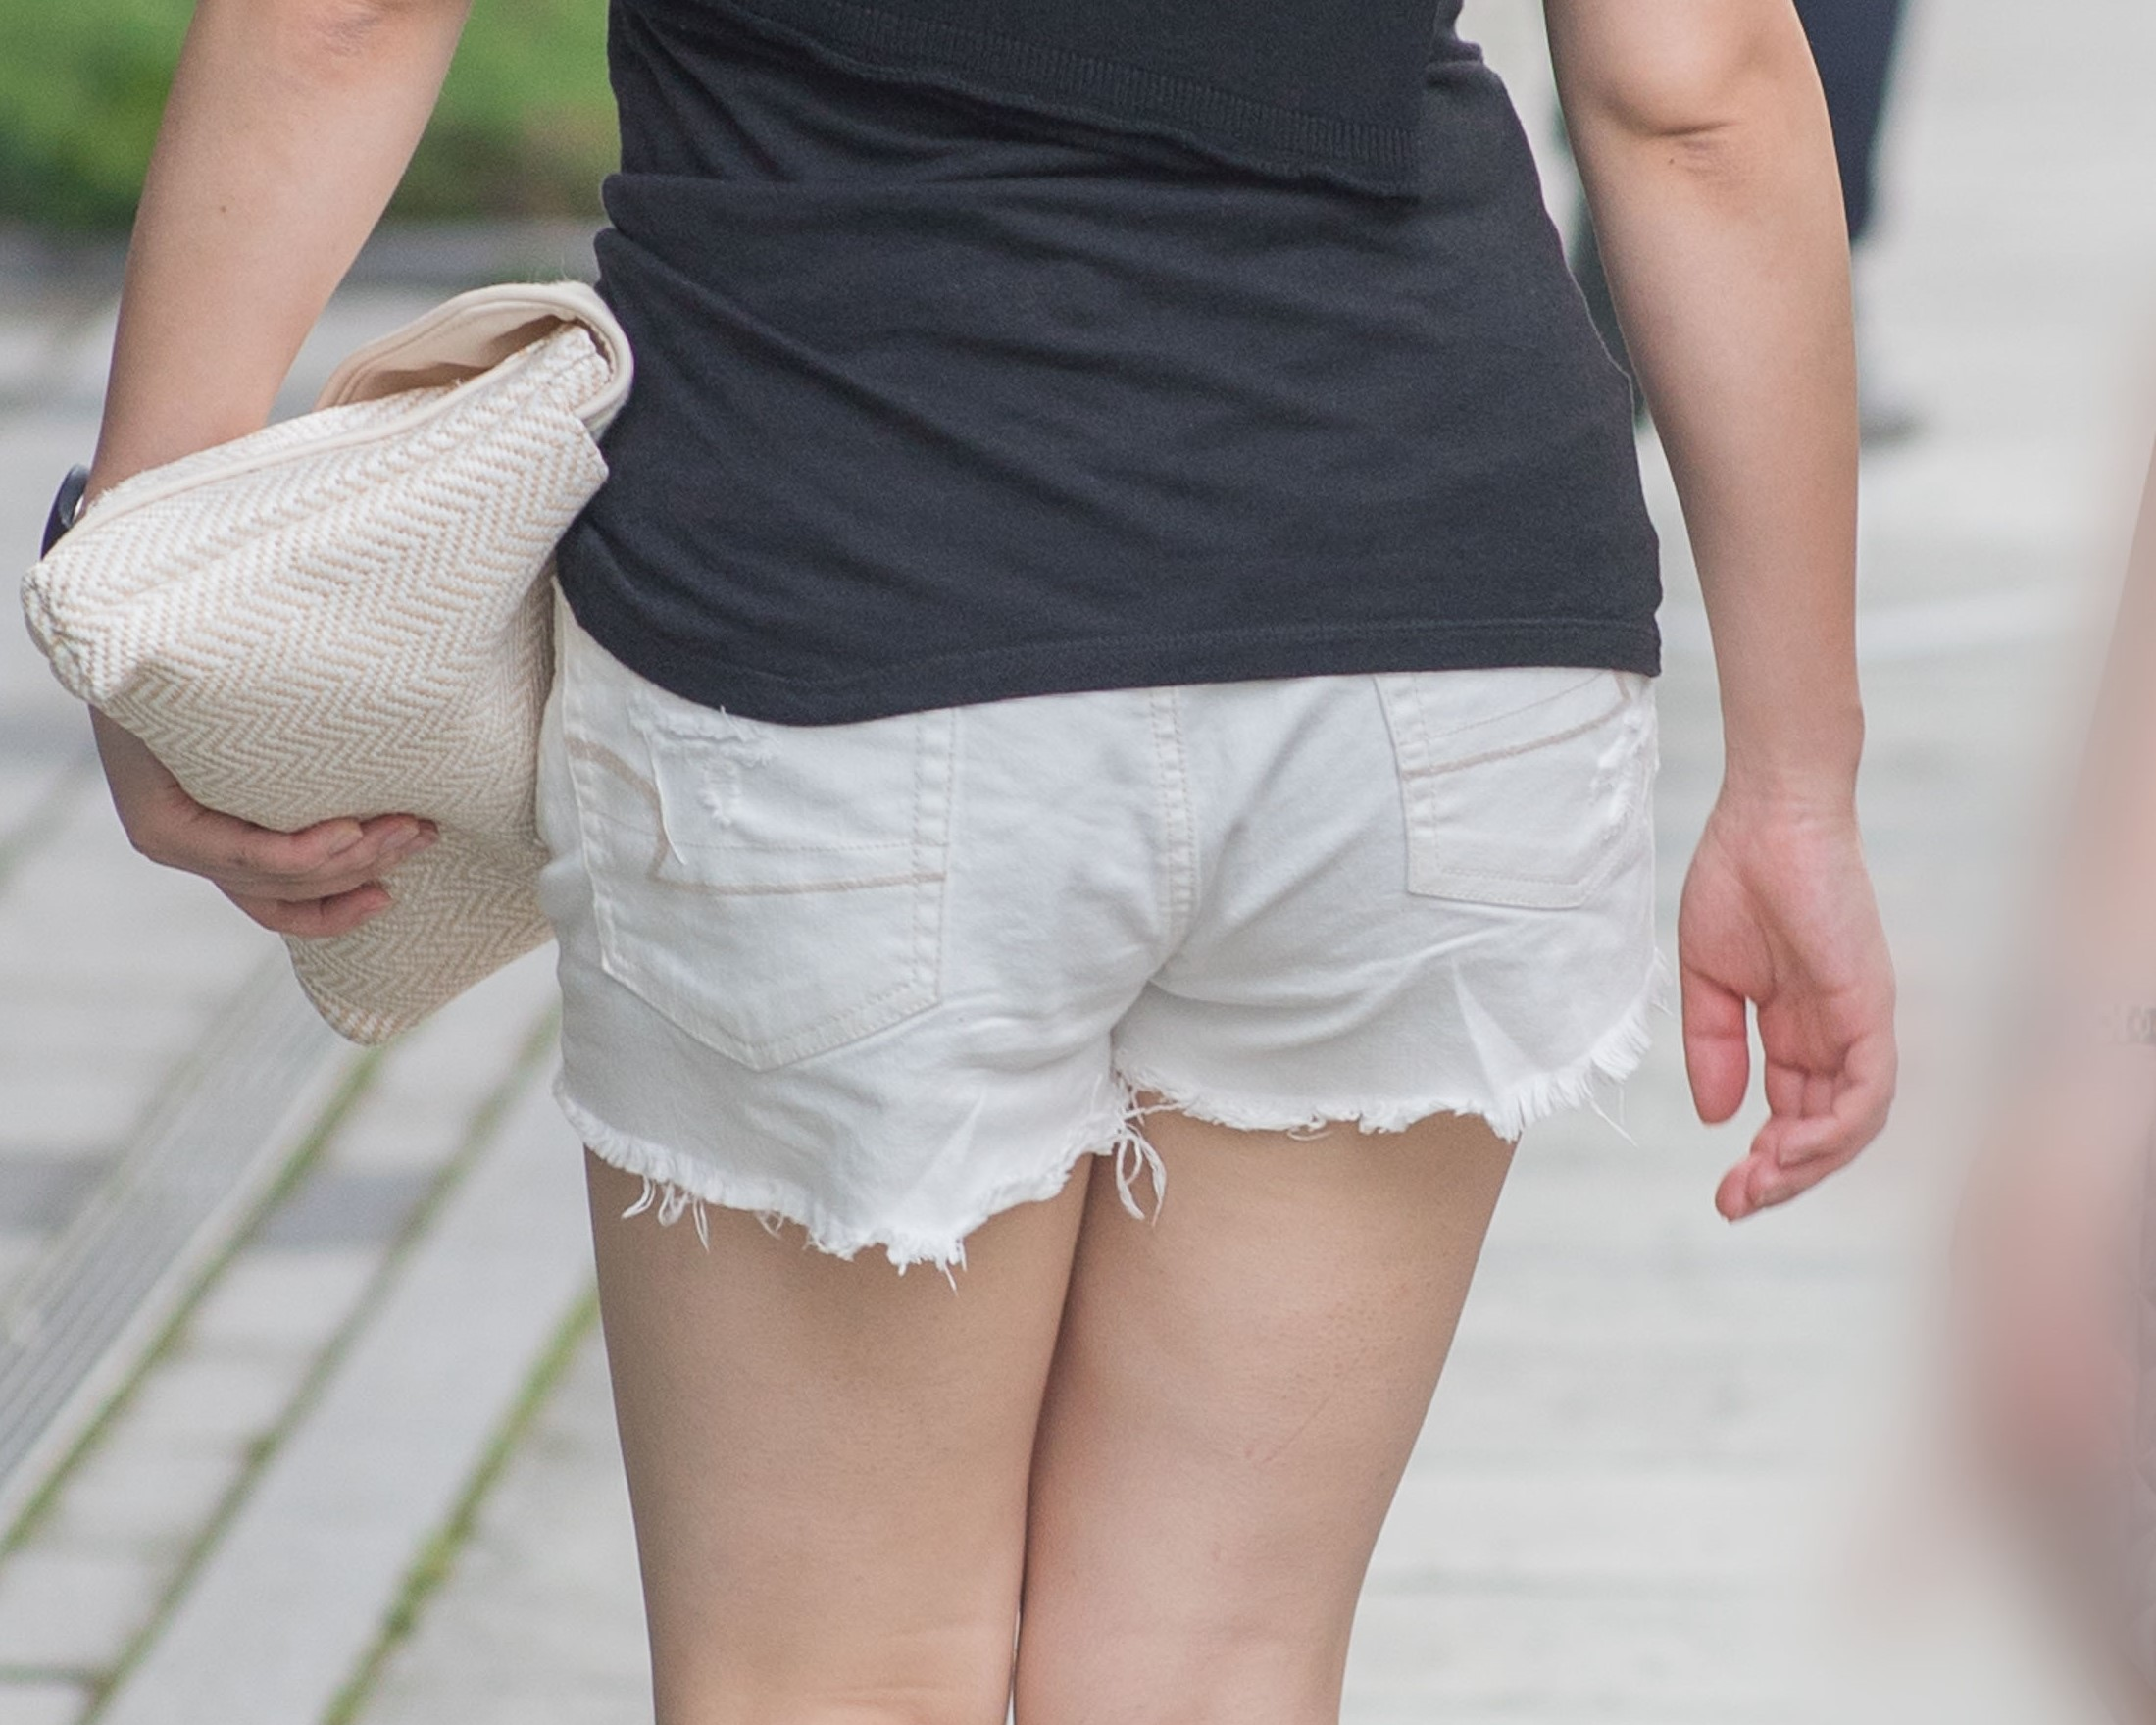 クビレも美脚もスゴイ!生足が激エロの白いホットパンツのお嬢さん